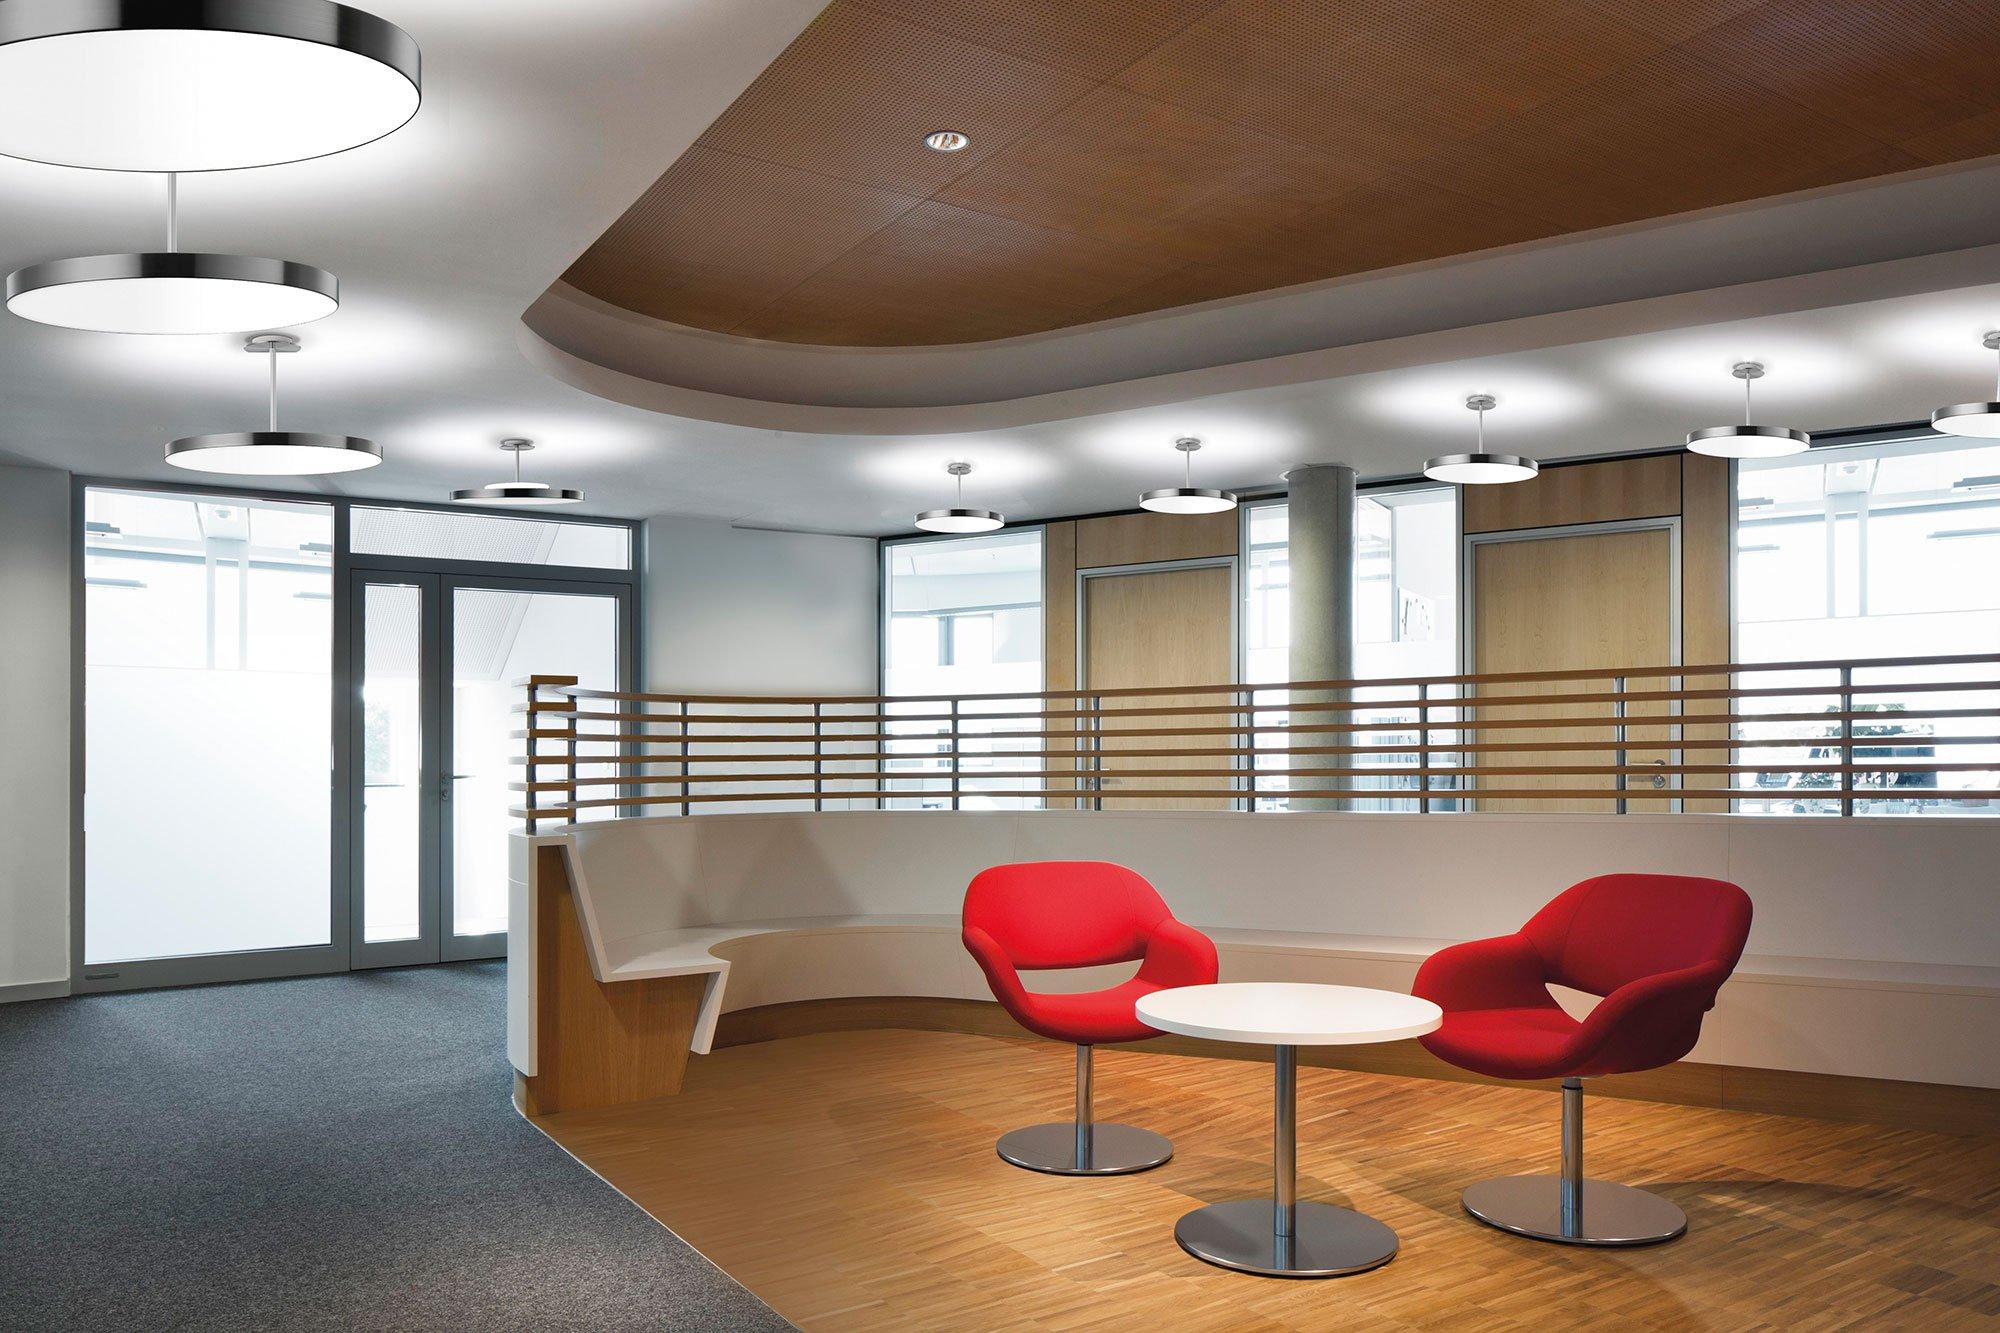 auszeichnung mit red dot award 2015 raumleuchte f r praxis und krankenhausausstattung. Black Bedroom Furniture Sets. Home Design Ideas